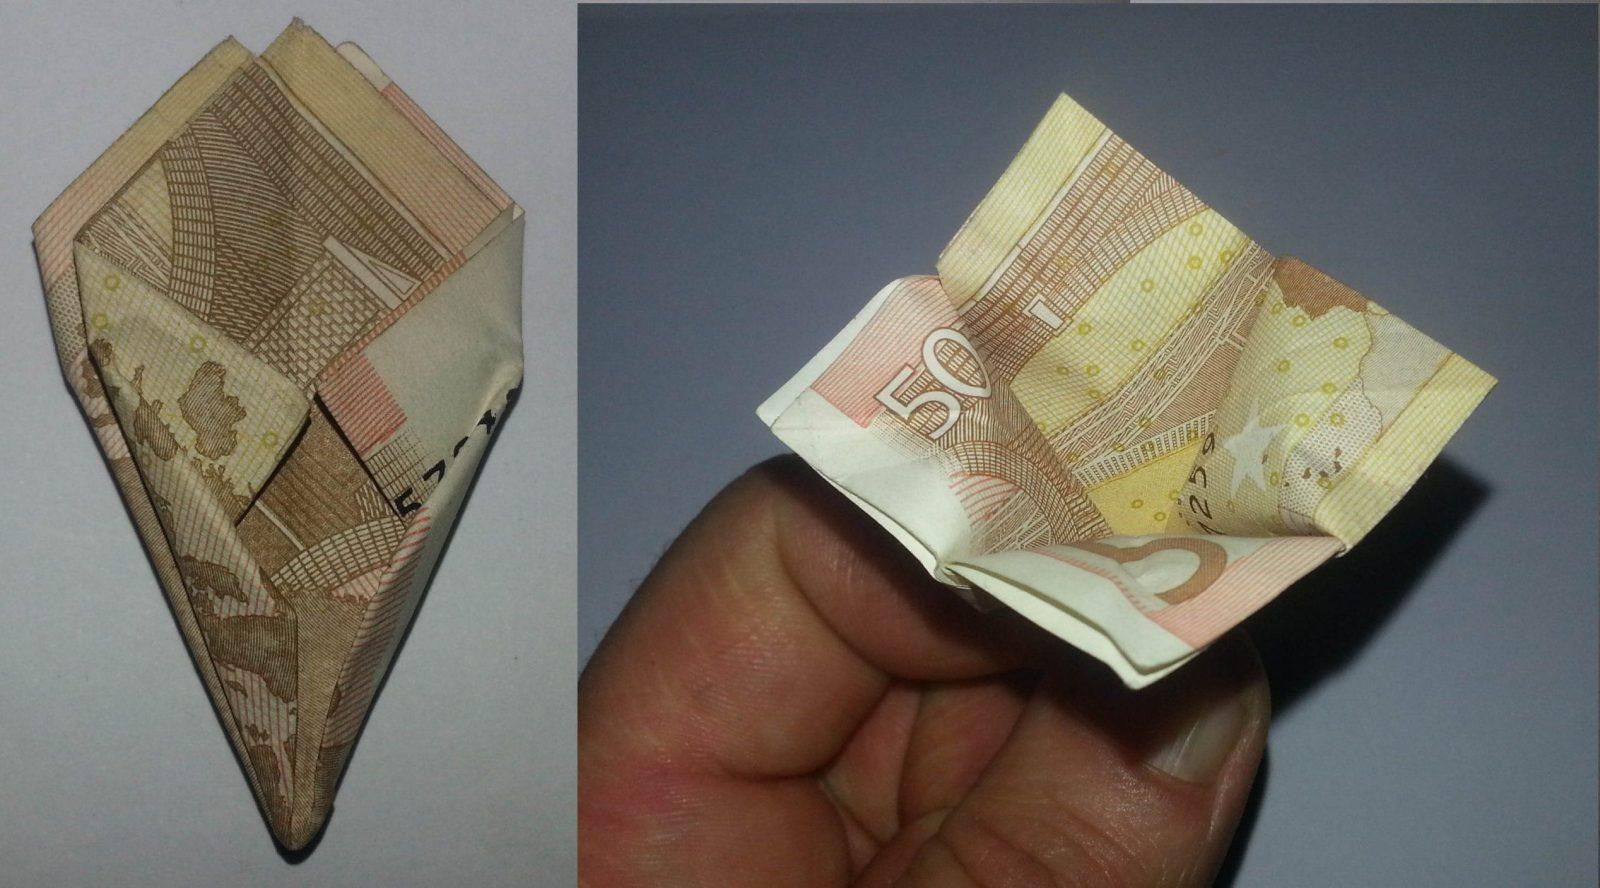 Blume Aus Einem Geldschein Falten  Origami Mit Geldscheinen von Geldscheine Falten Blume Mit Einem Schein Photo